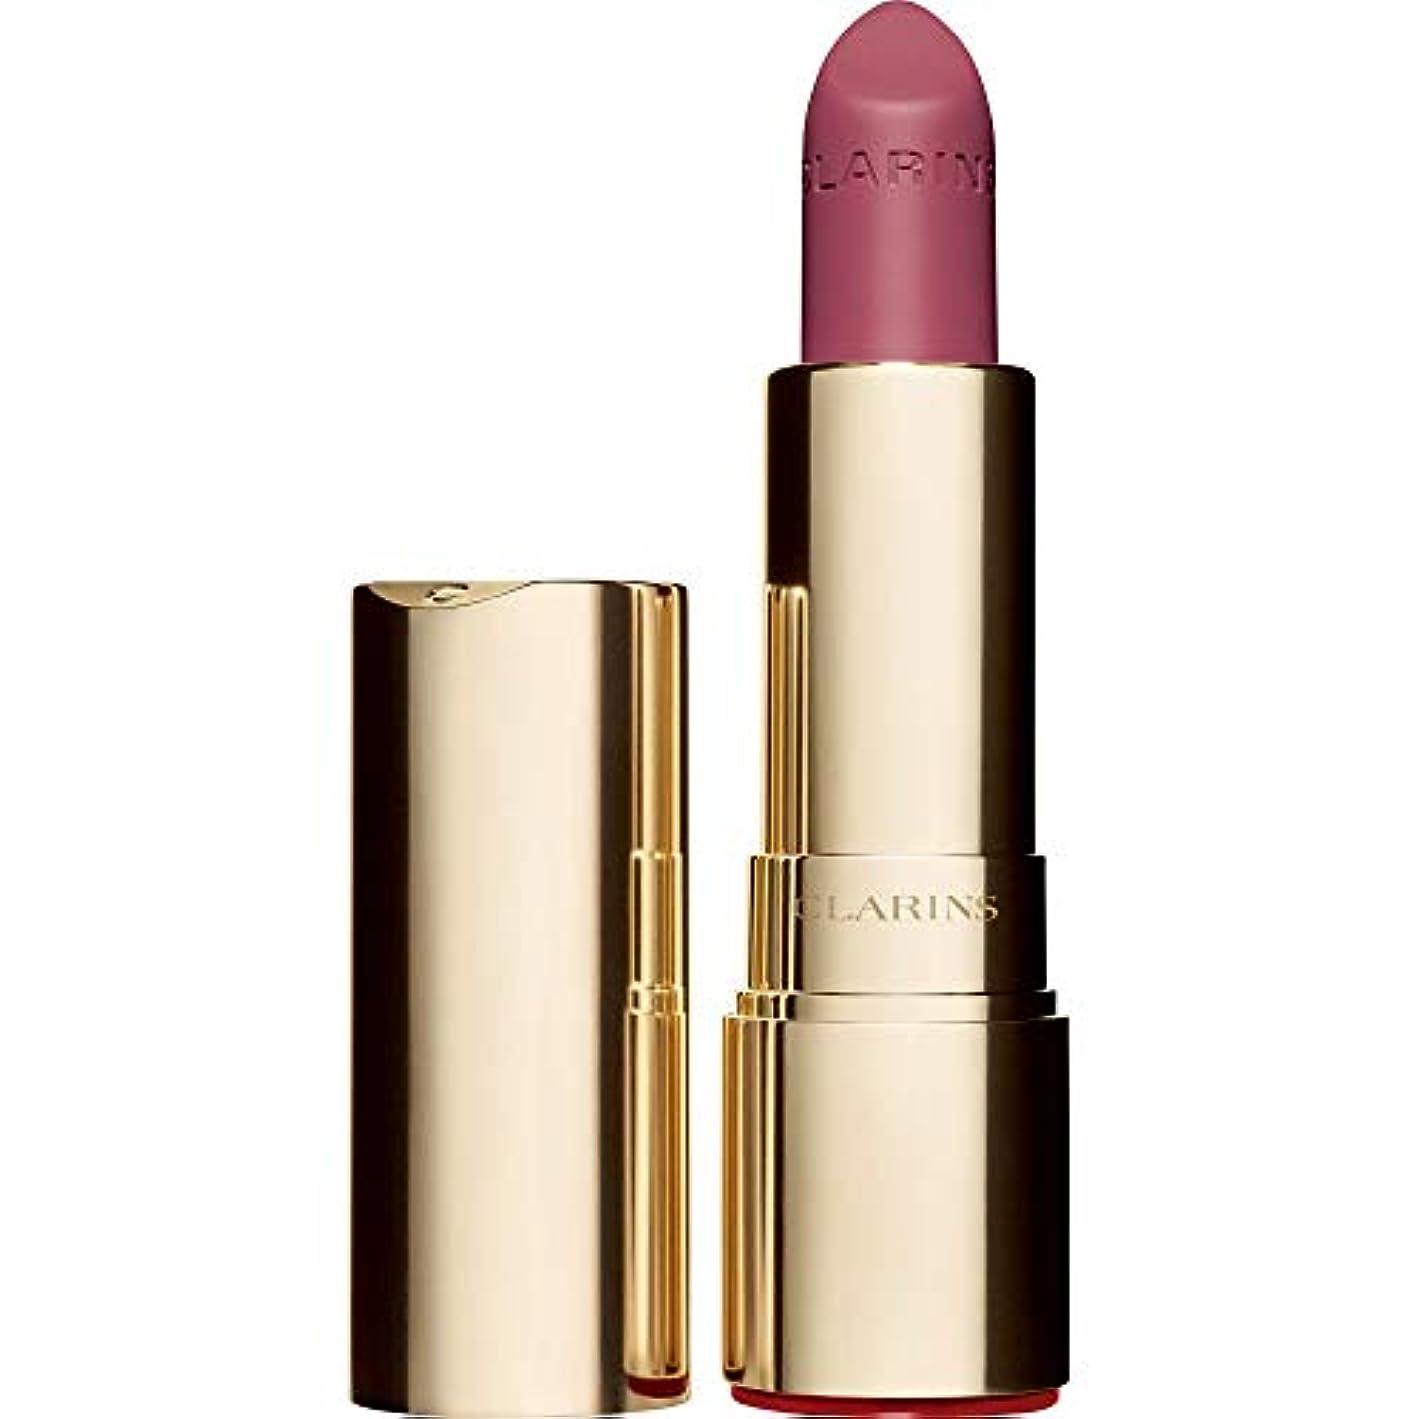 [Clarins ] クラランスジョリルージュのベルベットの口紅3.5グラムの755V - レイシ - Clarins Joli Rouge Velvet Lipstick 3.5g 755V - Litchi [並行輸入品]